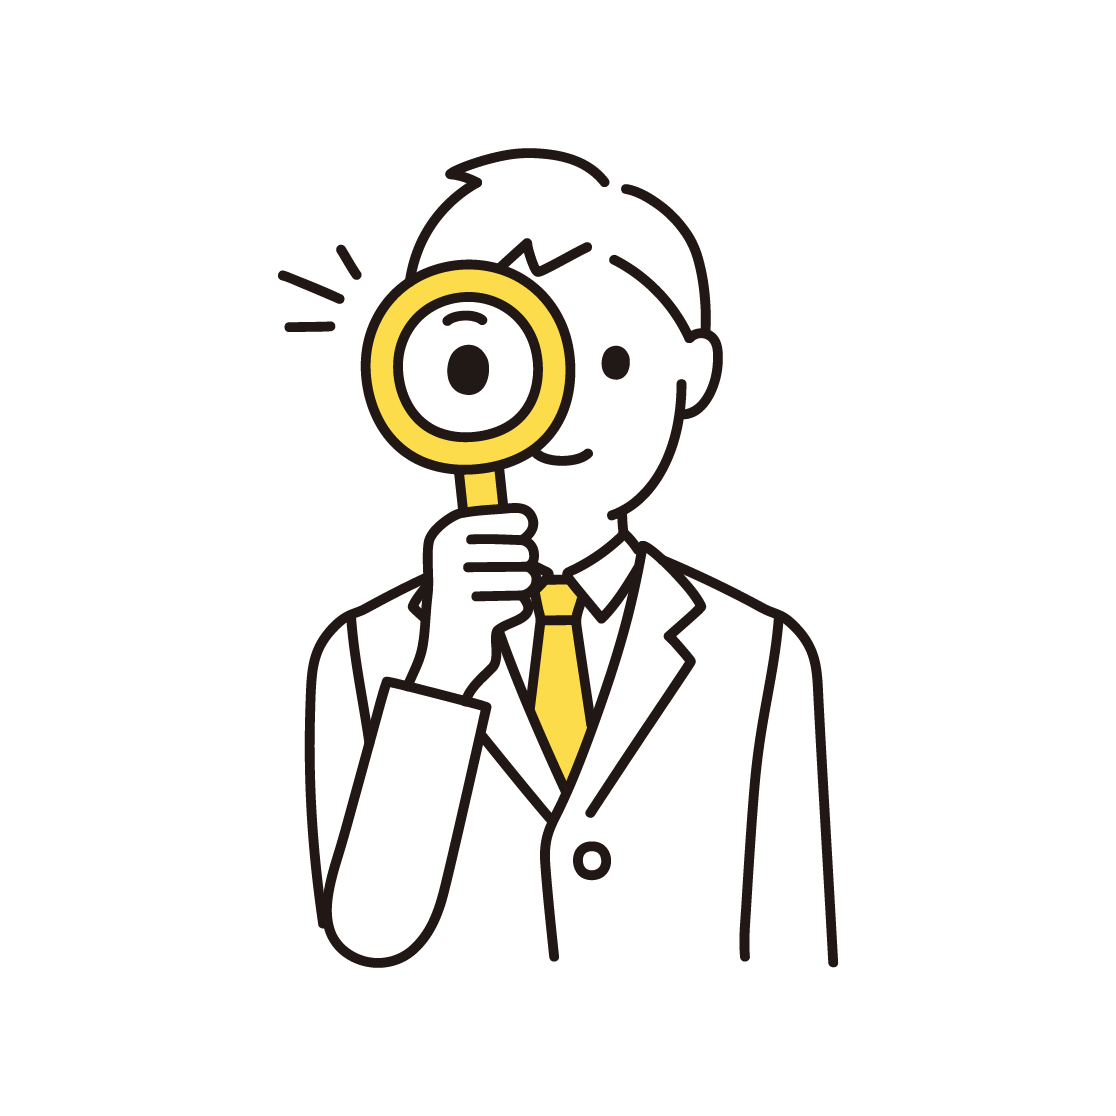 虫眼鏡をもつ男性の単色イラスト